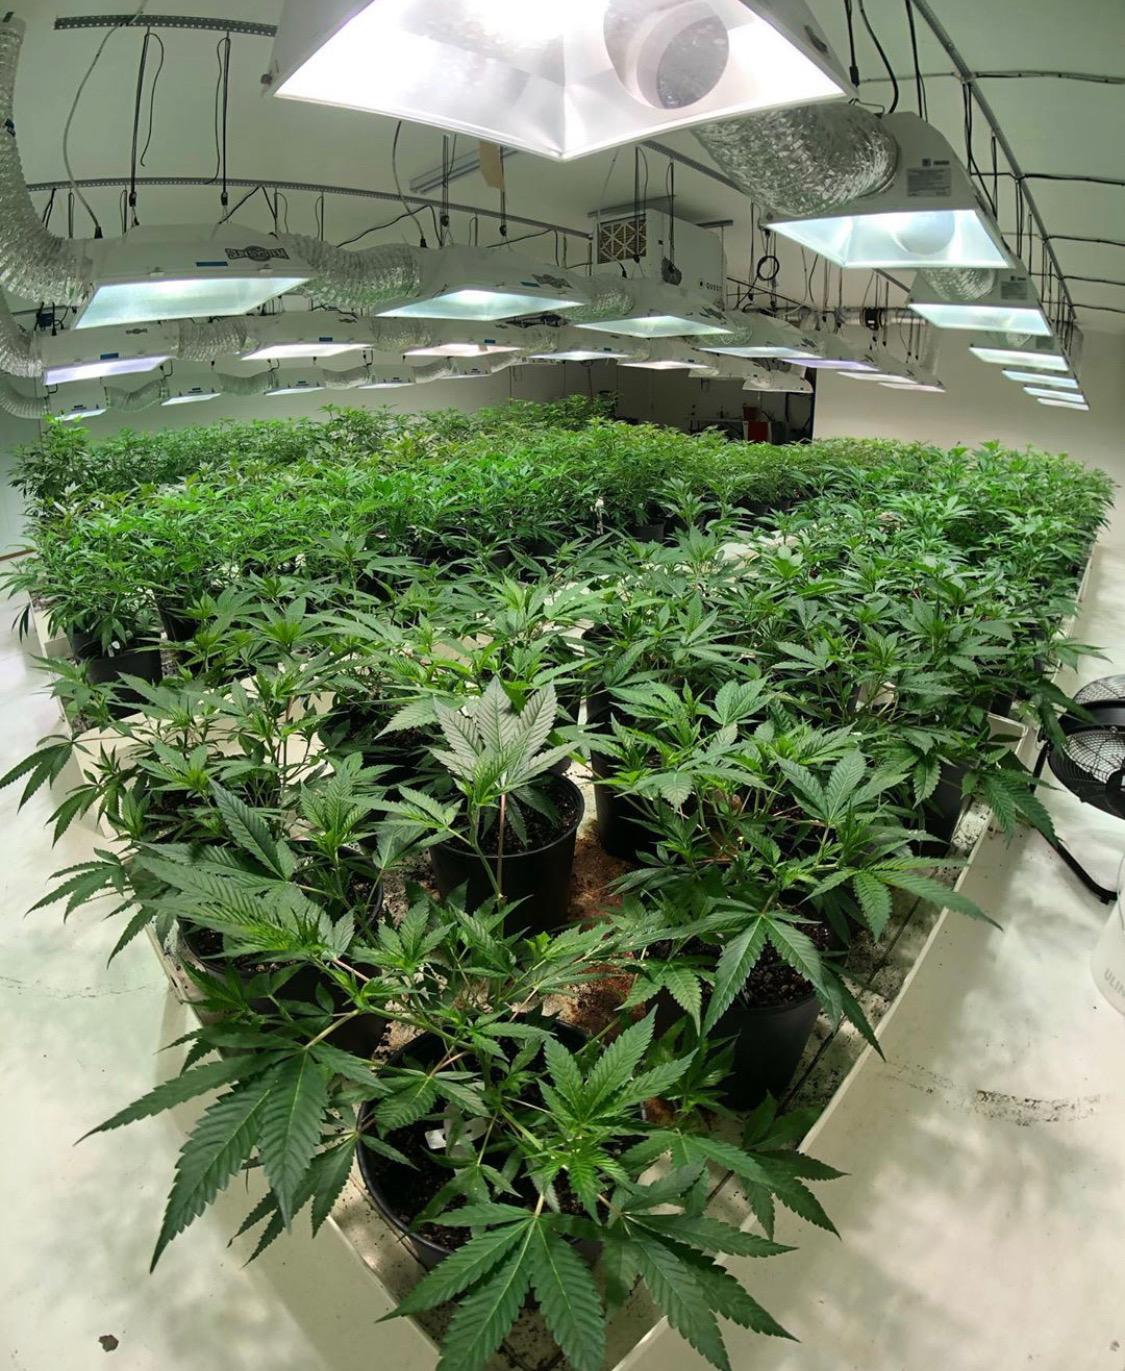 Cannabis Grow